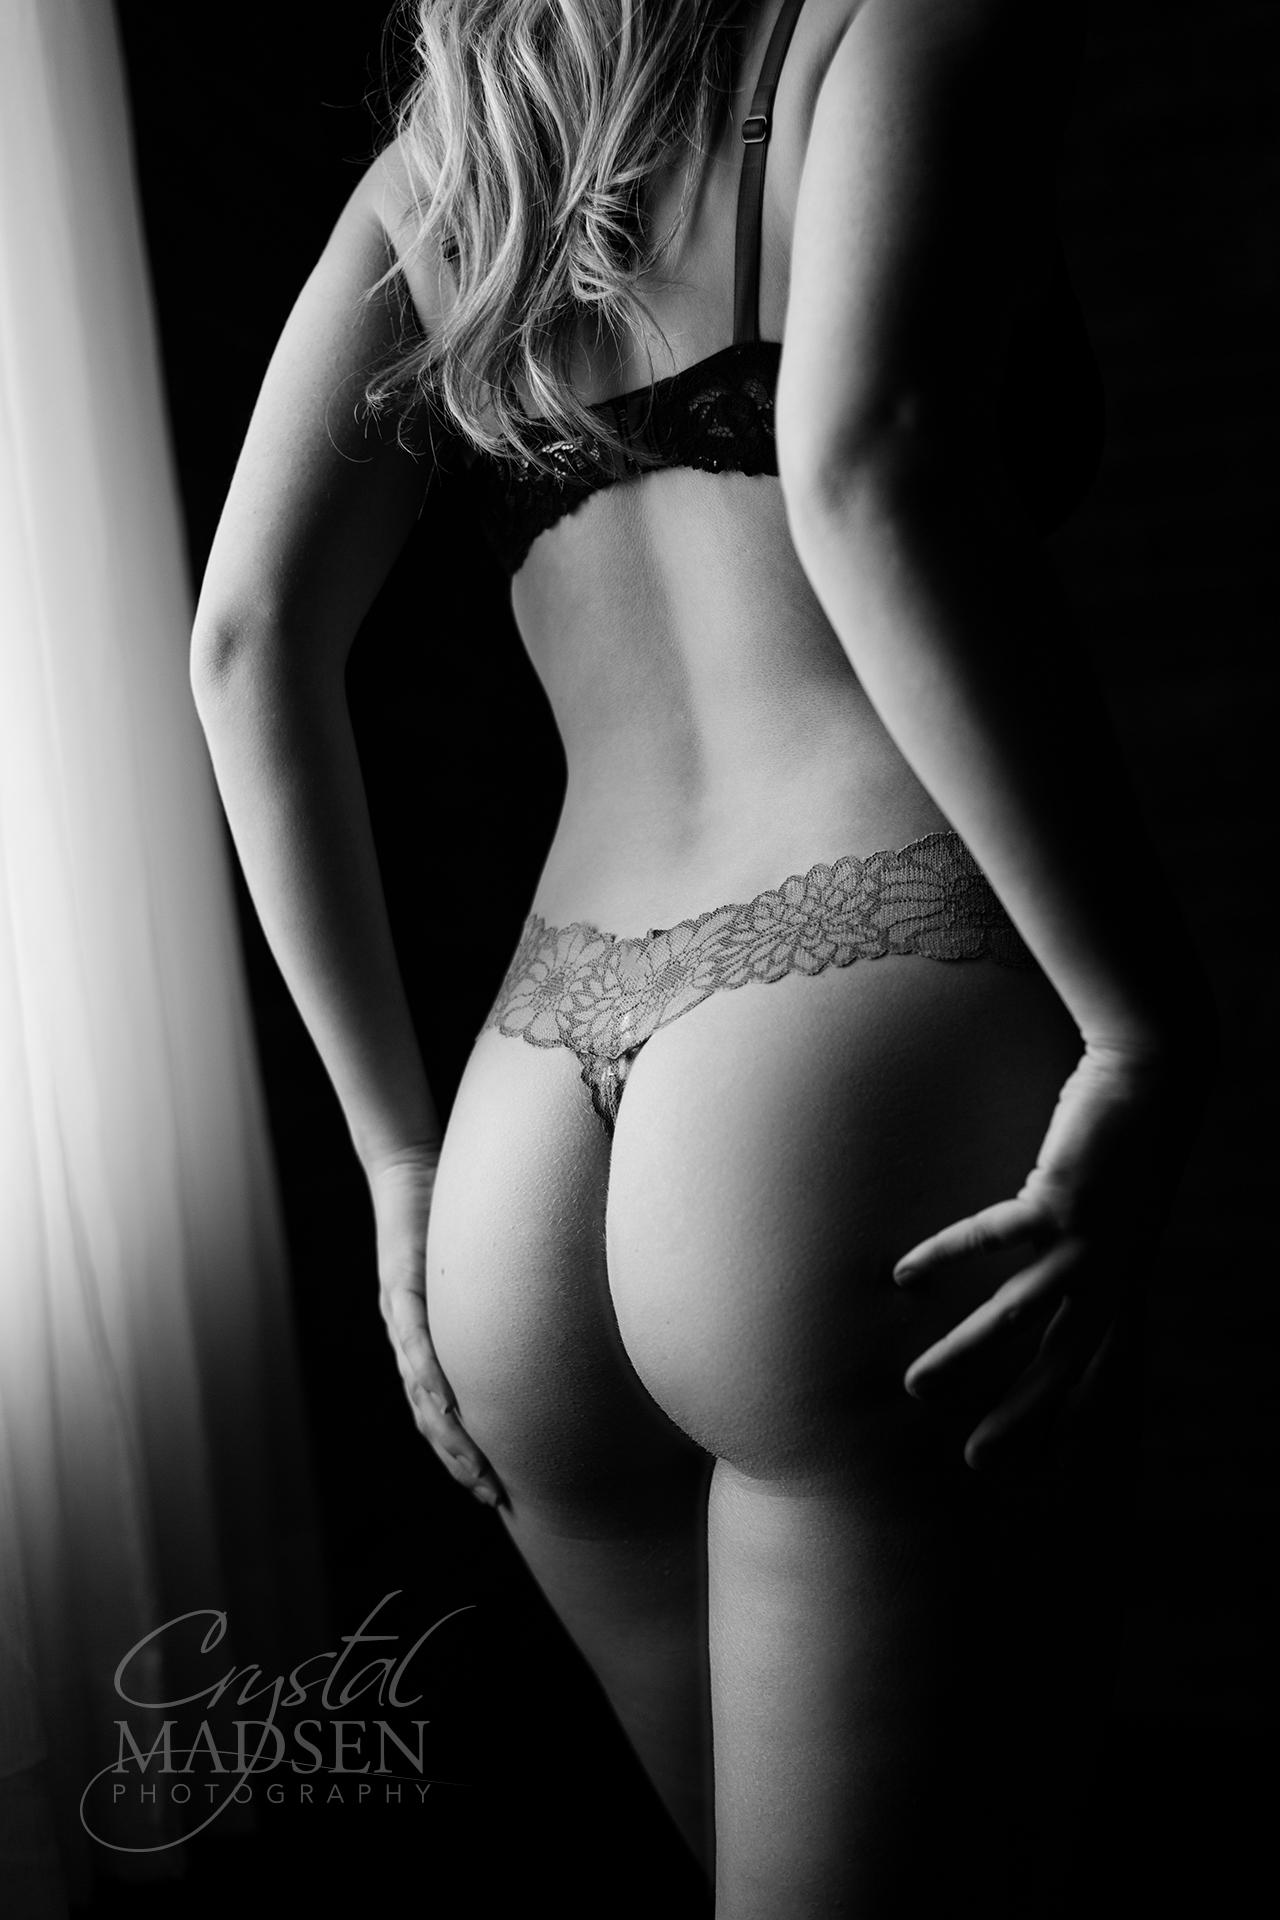 spokane-boudoir-photographers